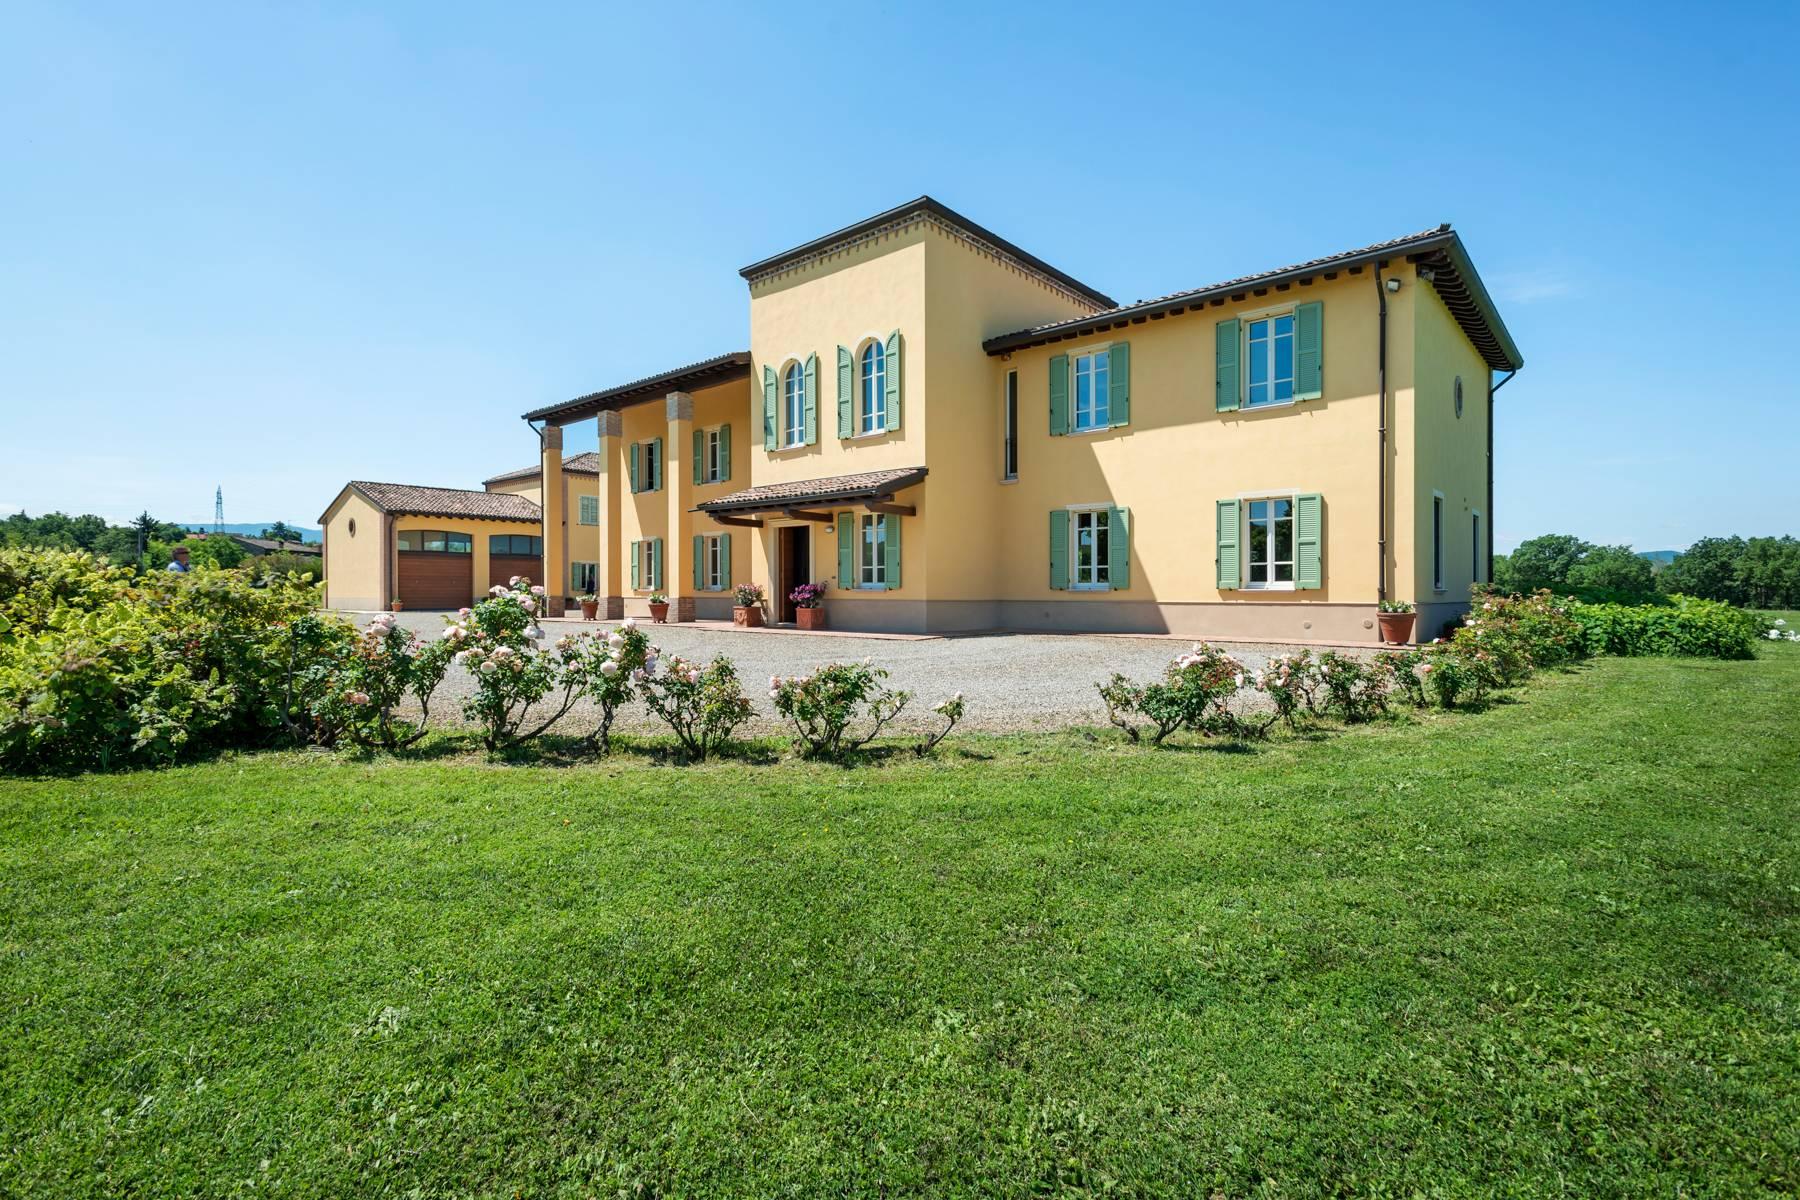 Villa in Vendita a Collecchio: 5 locali, 352 mq